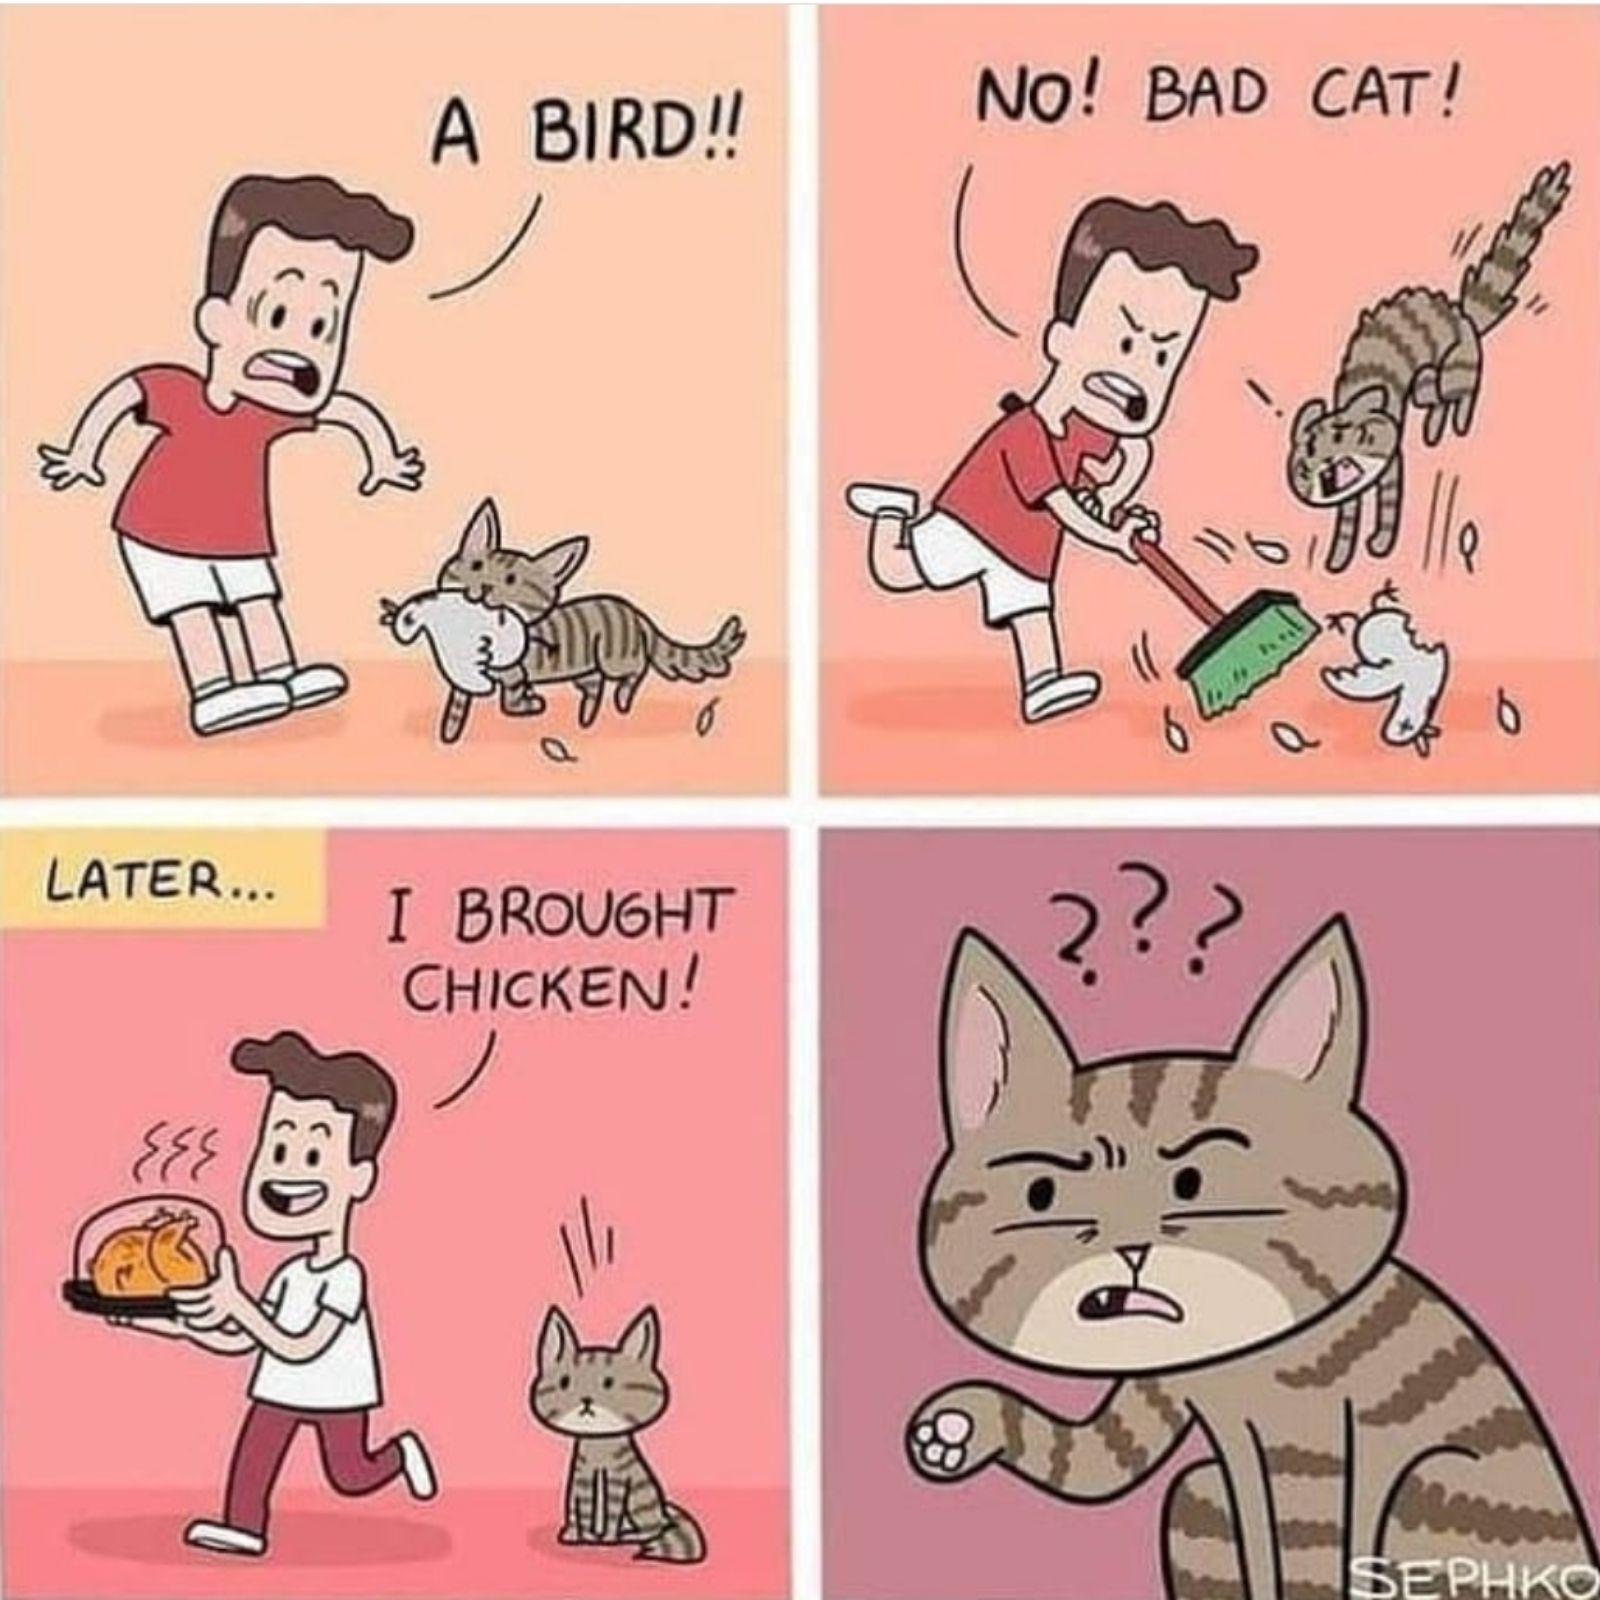 Poultry prejudice